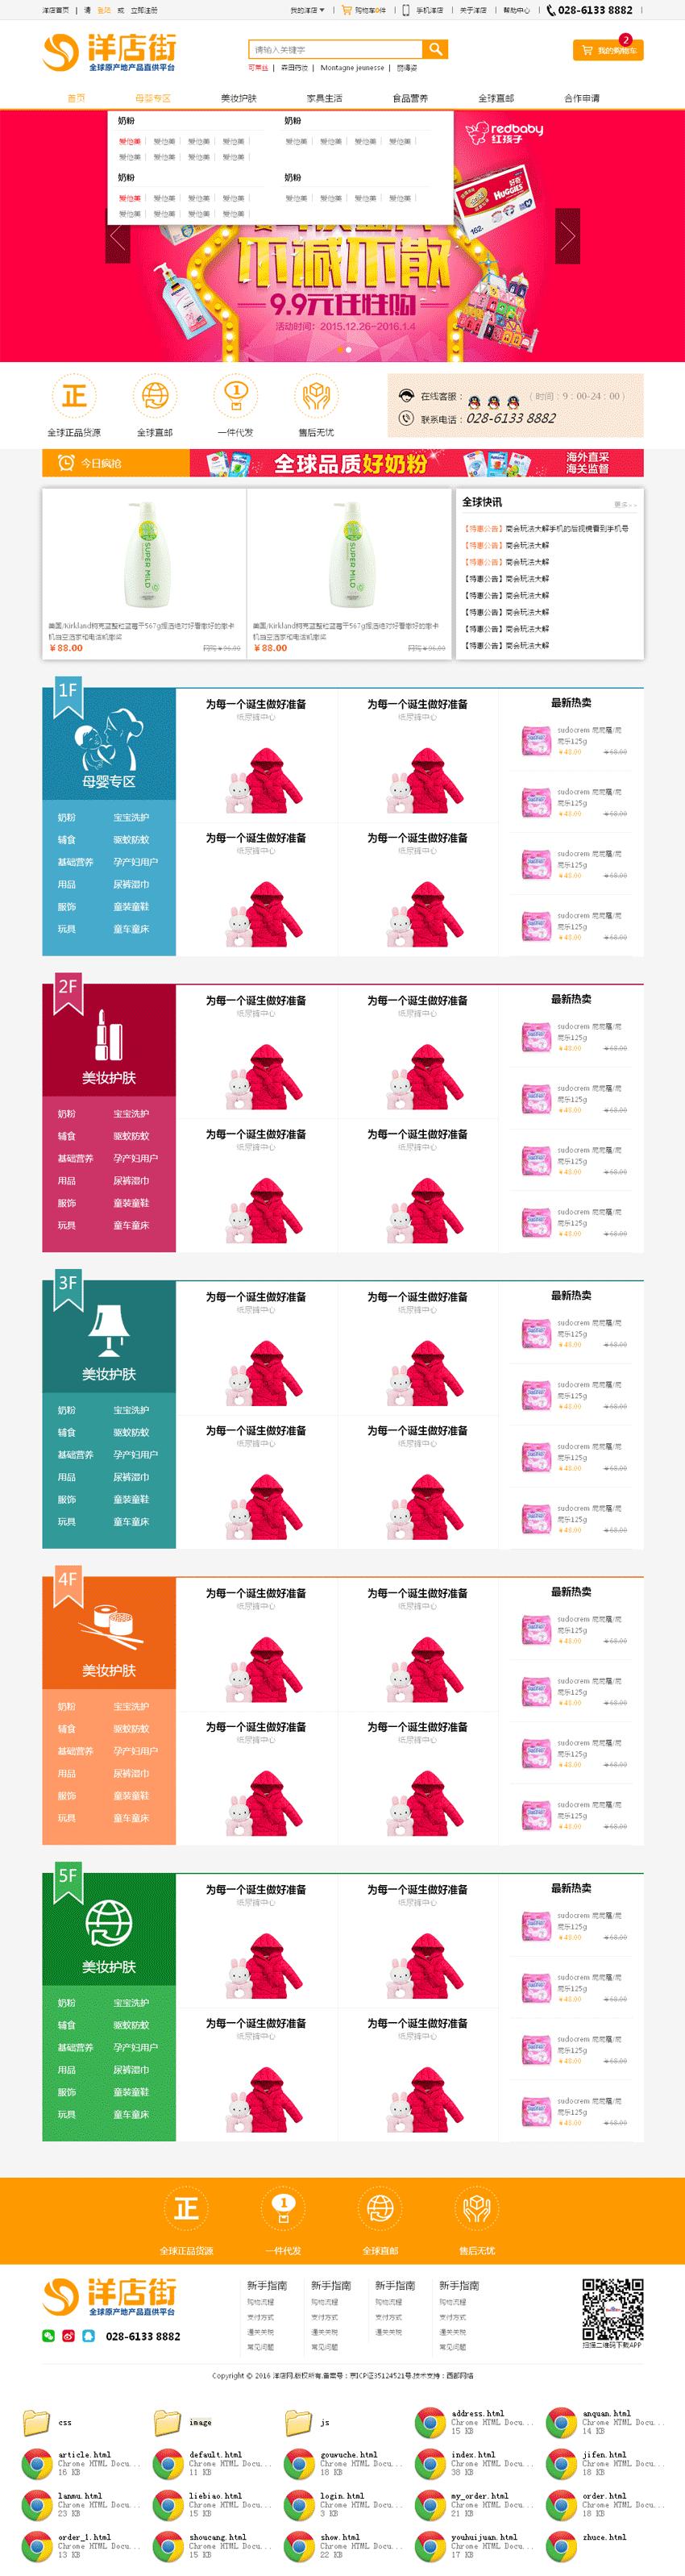 橙色的在线母婴购物商城html模板源码.png